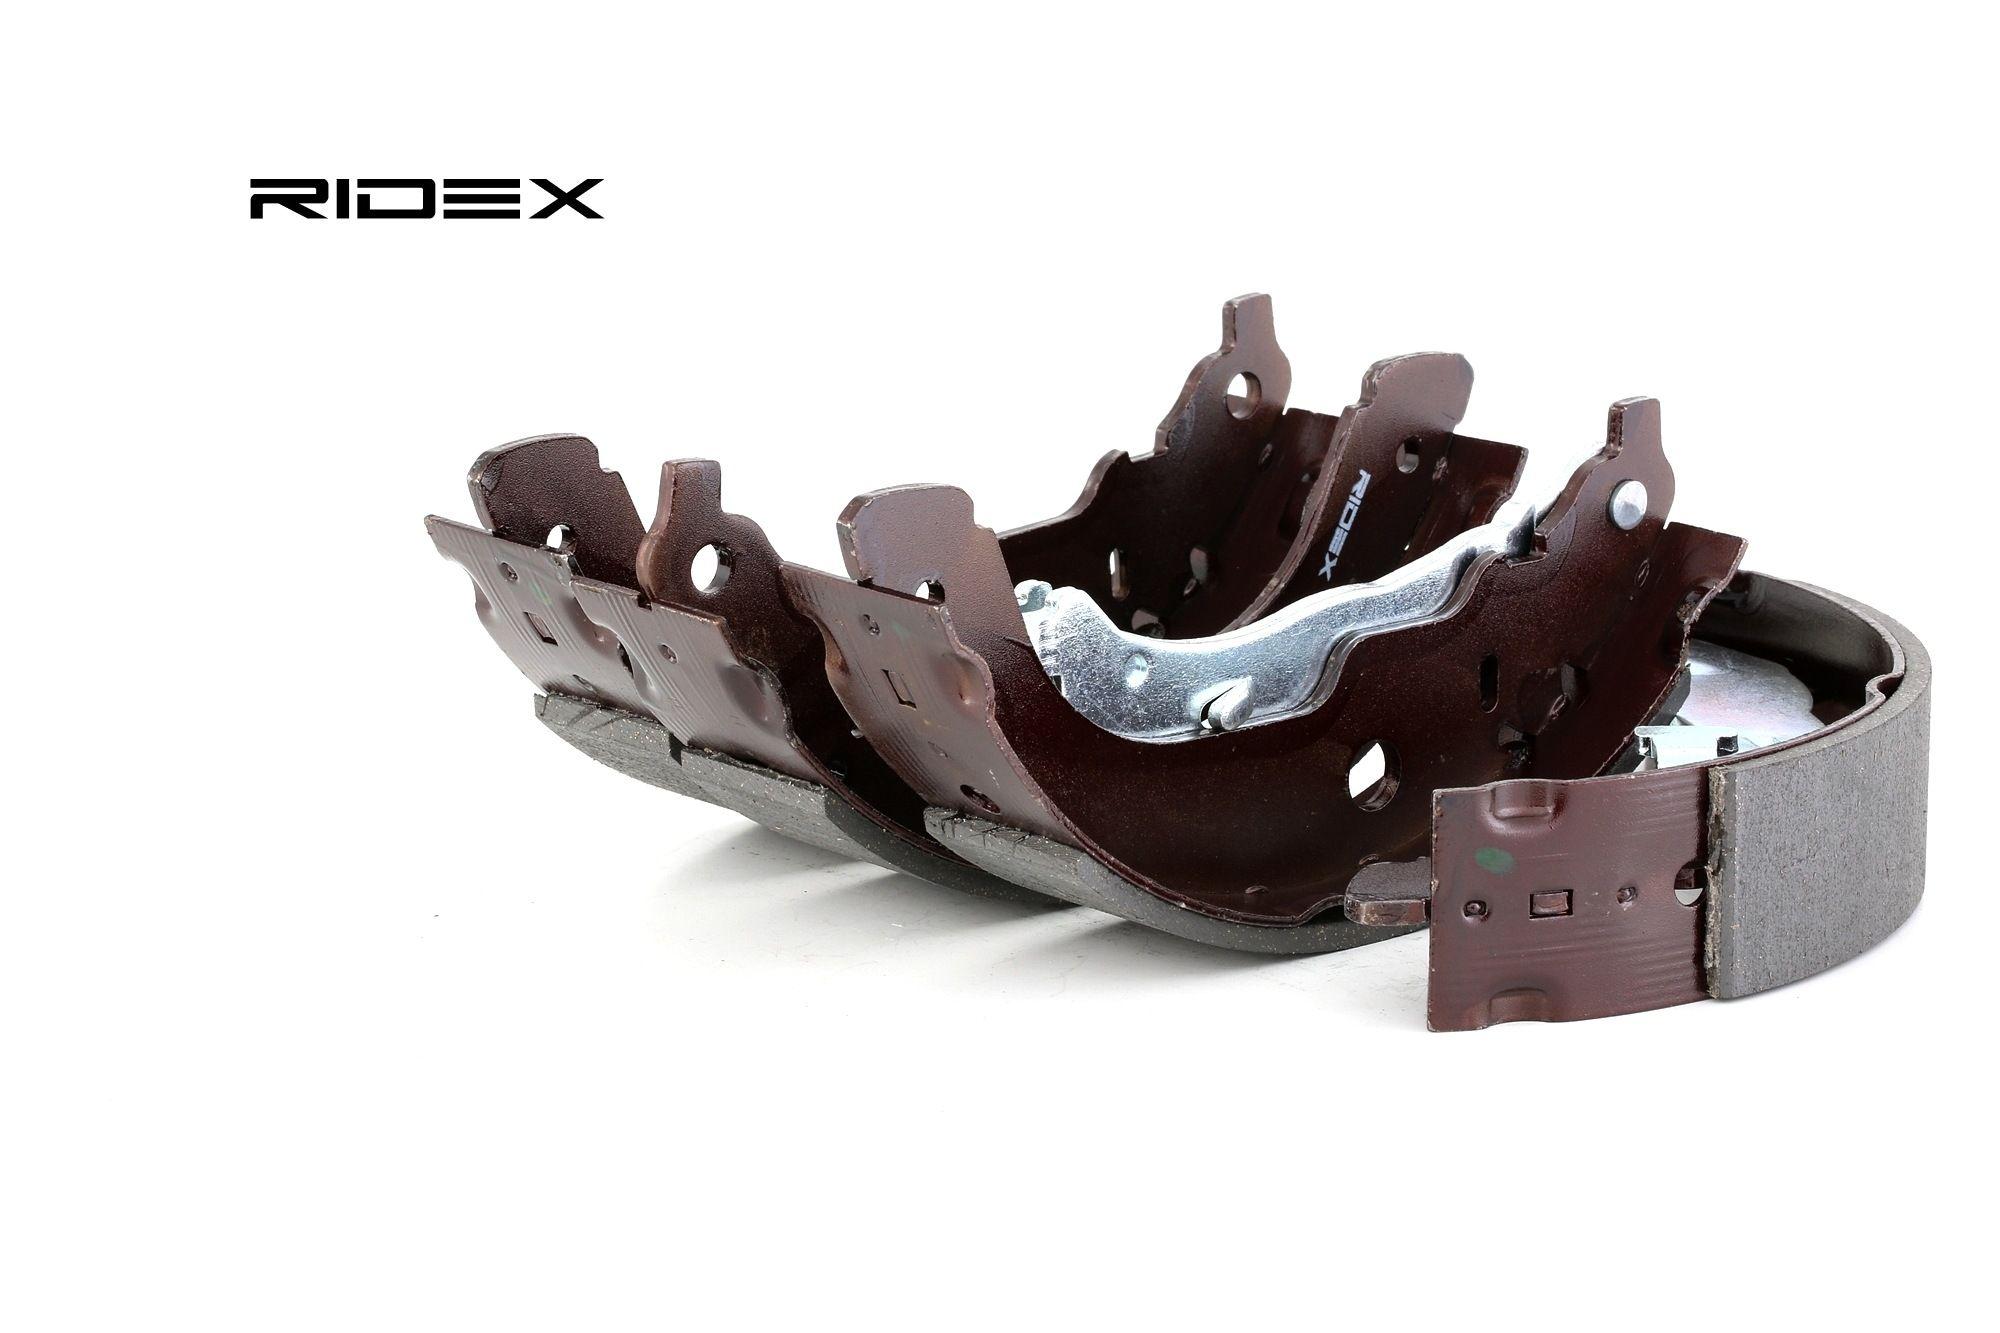 RIDEX: Original Bremsbackensatz für Trommelbremse 70B0153 (Breite: 42mm)